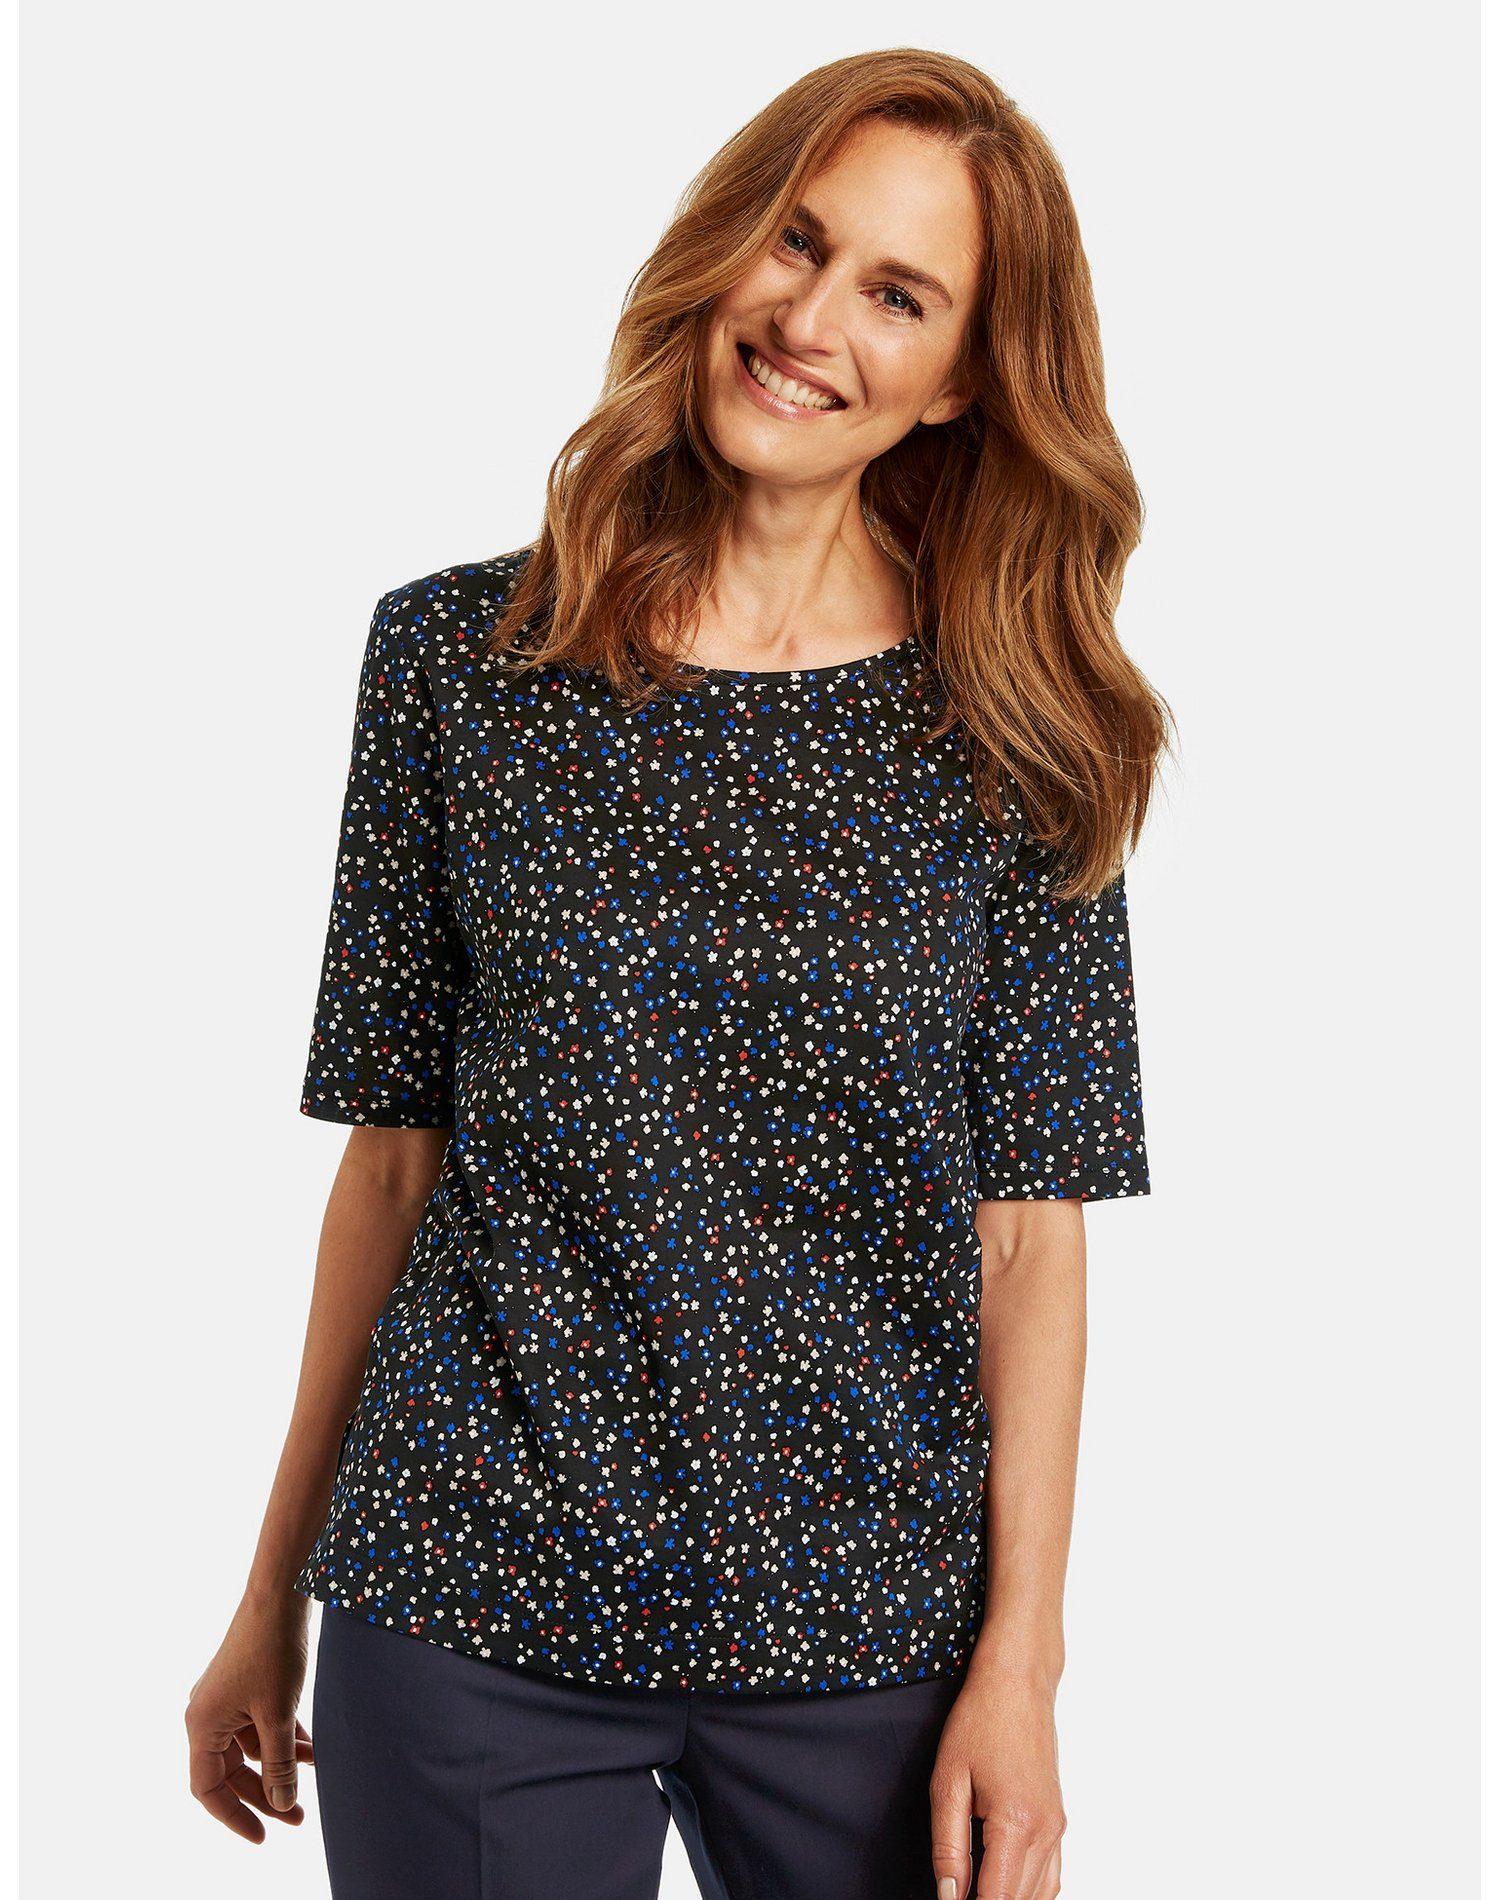 Gerry Weber Shirt Met Korte Mouwen Mit Milles Fleurs Muster Nu Online Kopen - Geweldige Prijs